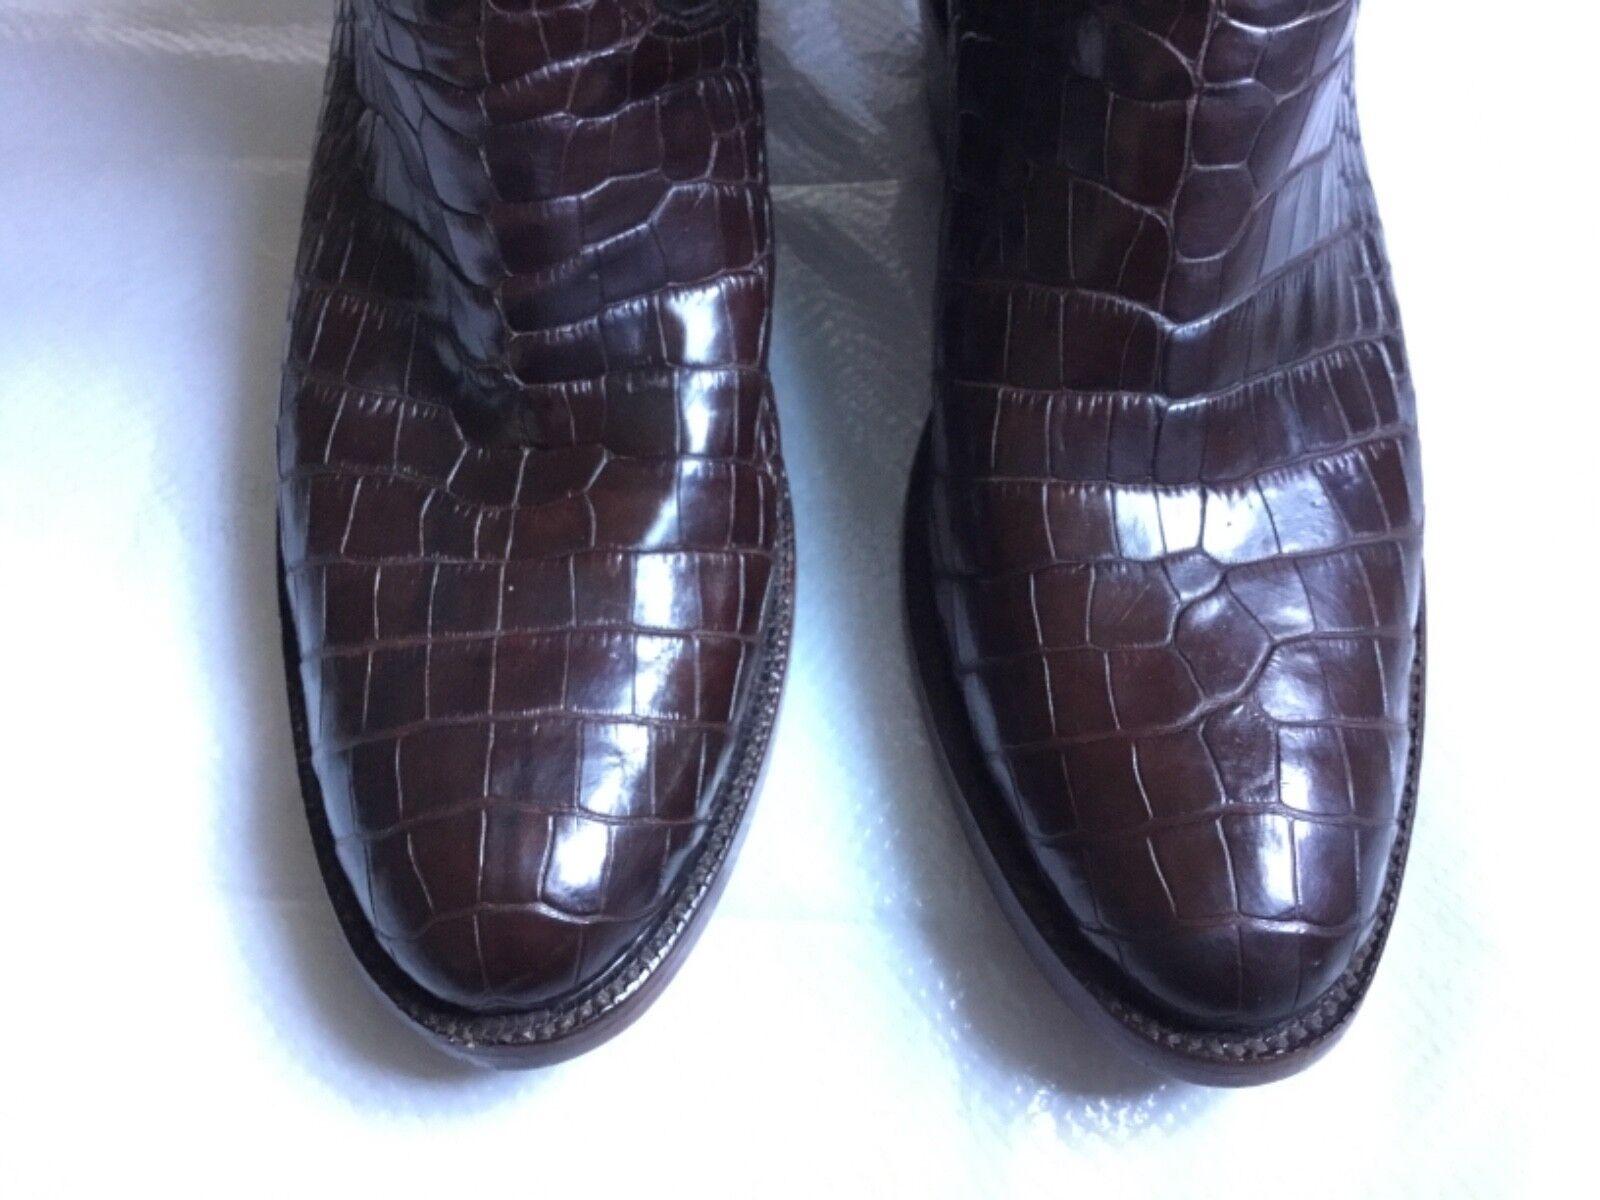 negro Jack botas Estilo Nº 188  Marrón Cepillo De Cabra Cocodrilo vientre occidental